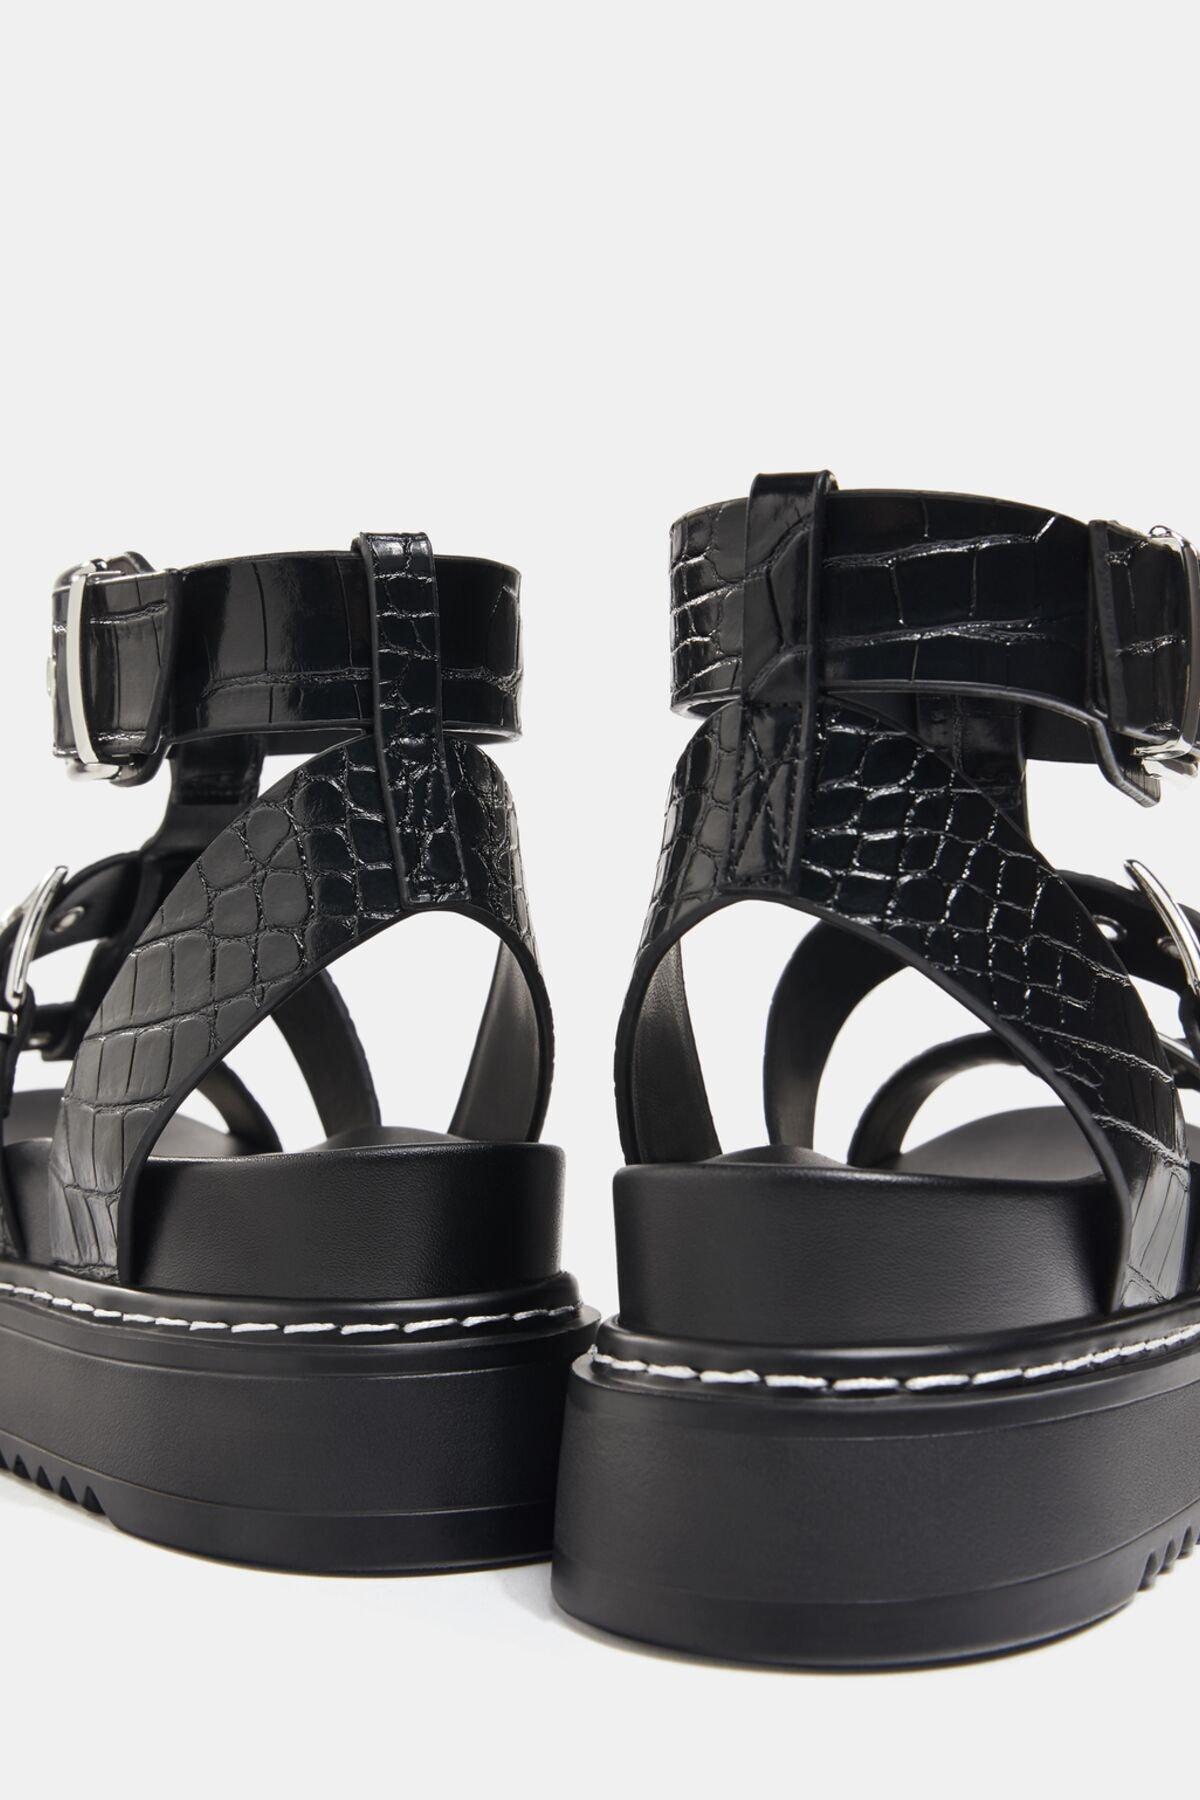 Bershka Kadın Tokalı Ve Kabartma Desenli Platform Sandalet. 3